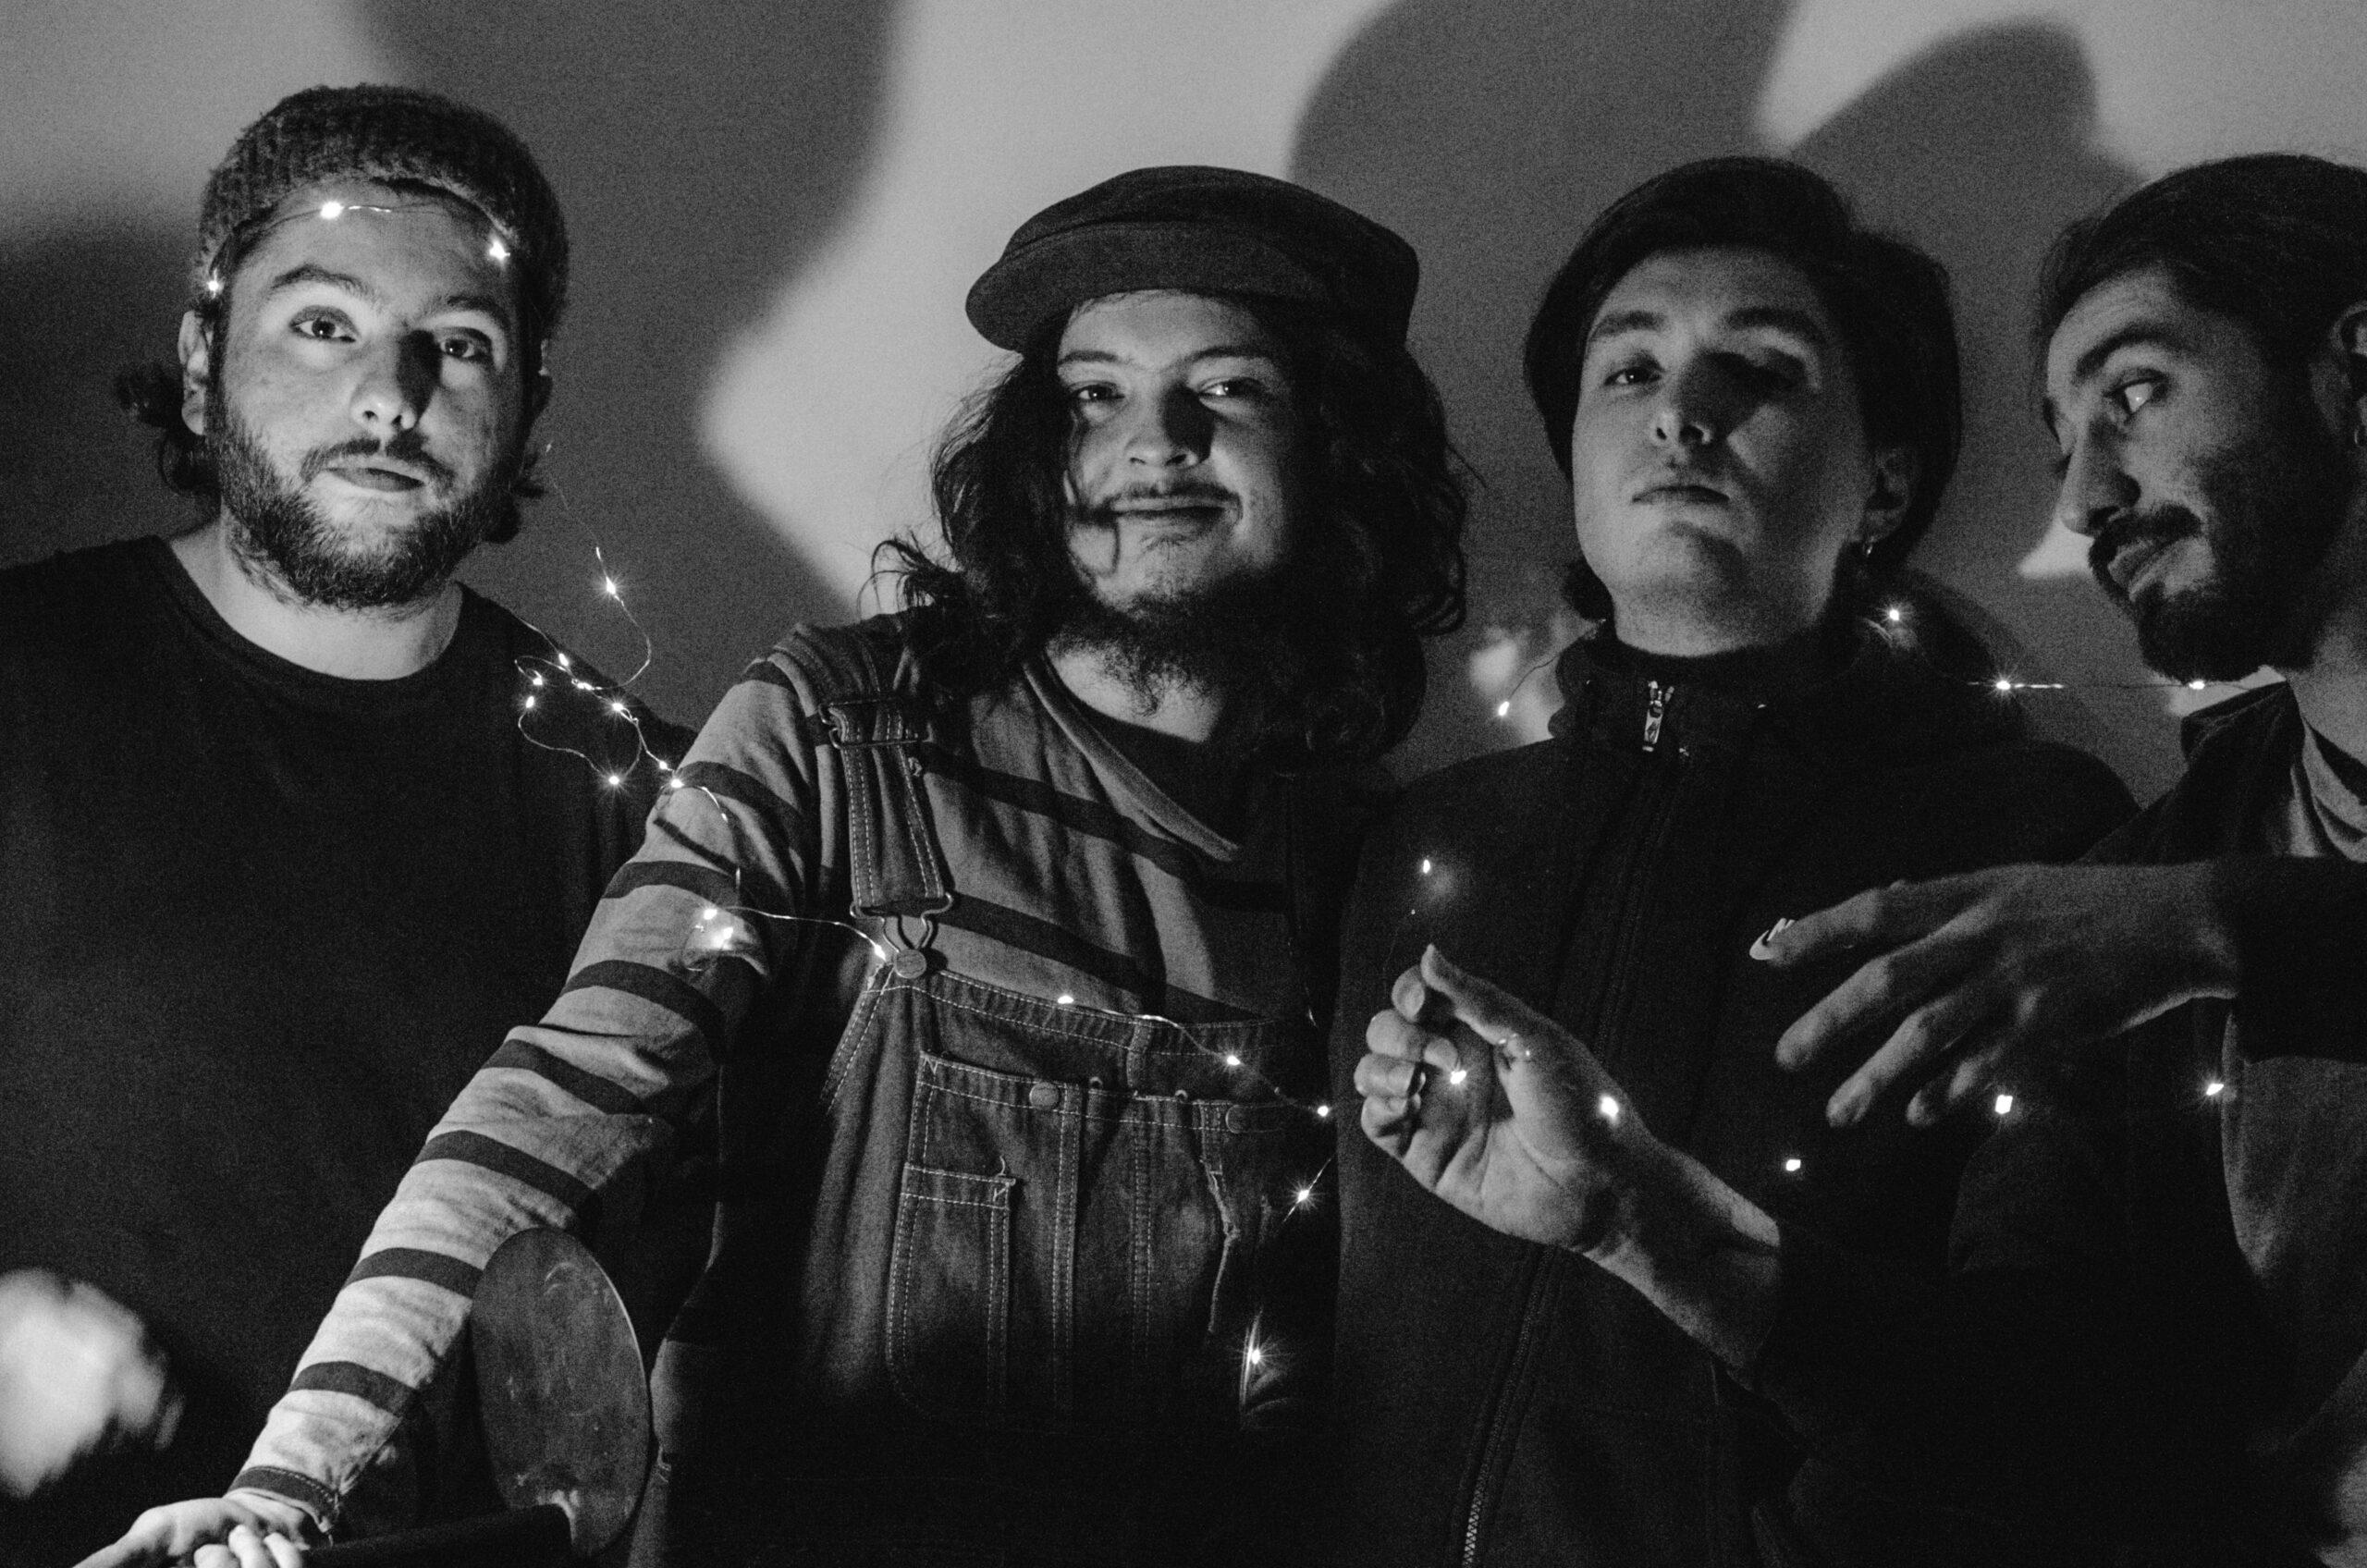 """Marcelo Aguayo de Cuales i Quienes: """"Esperamos que este nuevo disco sea una invitación a los artistas a romper con los esquemas de la música actual."""""""